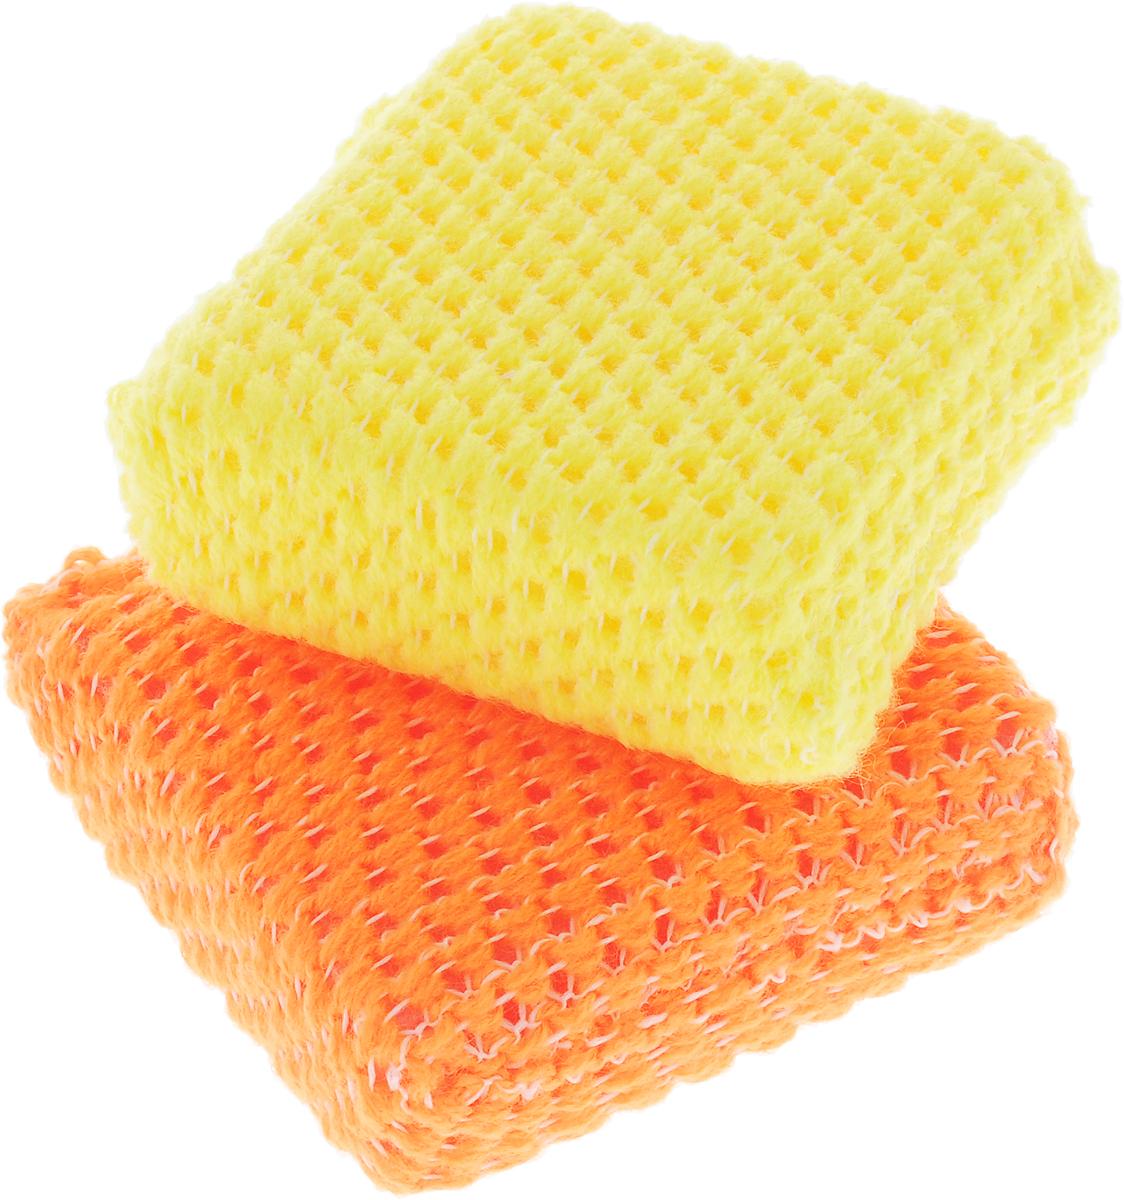 Губка для посуды Ohe Acrylic Sponge, с сеточкой, 8 х 8 х 2,5 см, 2 шт508721Акриловая губка Ohe Acrylic Sponge предназначена для мытья посуды и кухонных приборов. Особенности изделия:- отлично отмывает с посуды жир и налет от чая и кофе даже без использования моющих средств,- имеет компактный размер,- акриловые микроволокна очень качественно удаляют грязь,- используйте губку после того, как резиновой лопаточкой были очищены места, загрязненные маслом или животным жиром.Состав: полиуретан, сетчатый акрил, полиэстер. Выдерживает температуру до 90°С.